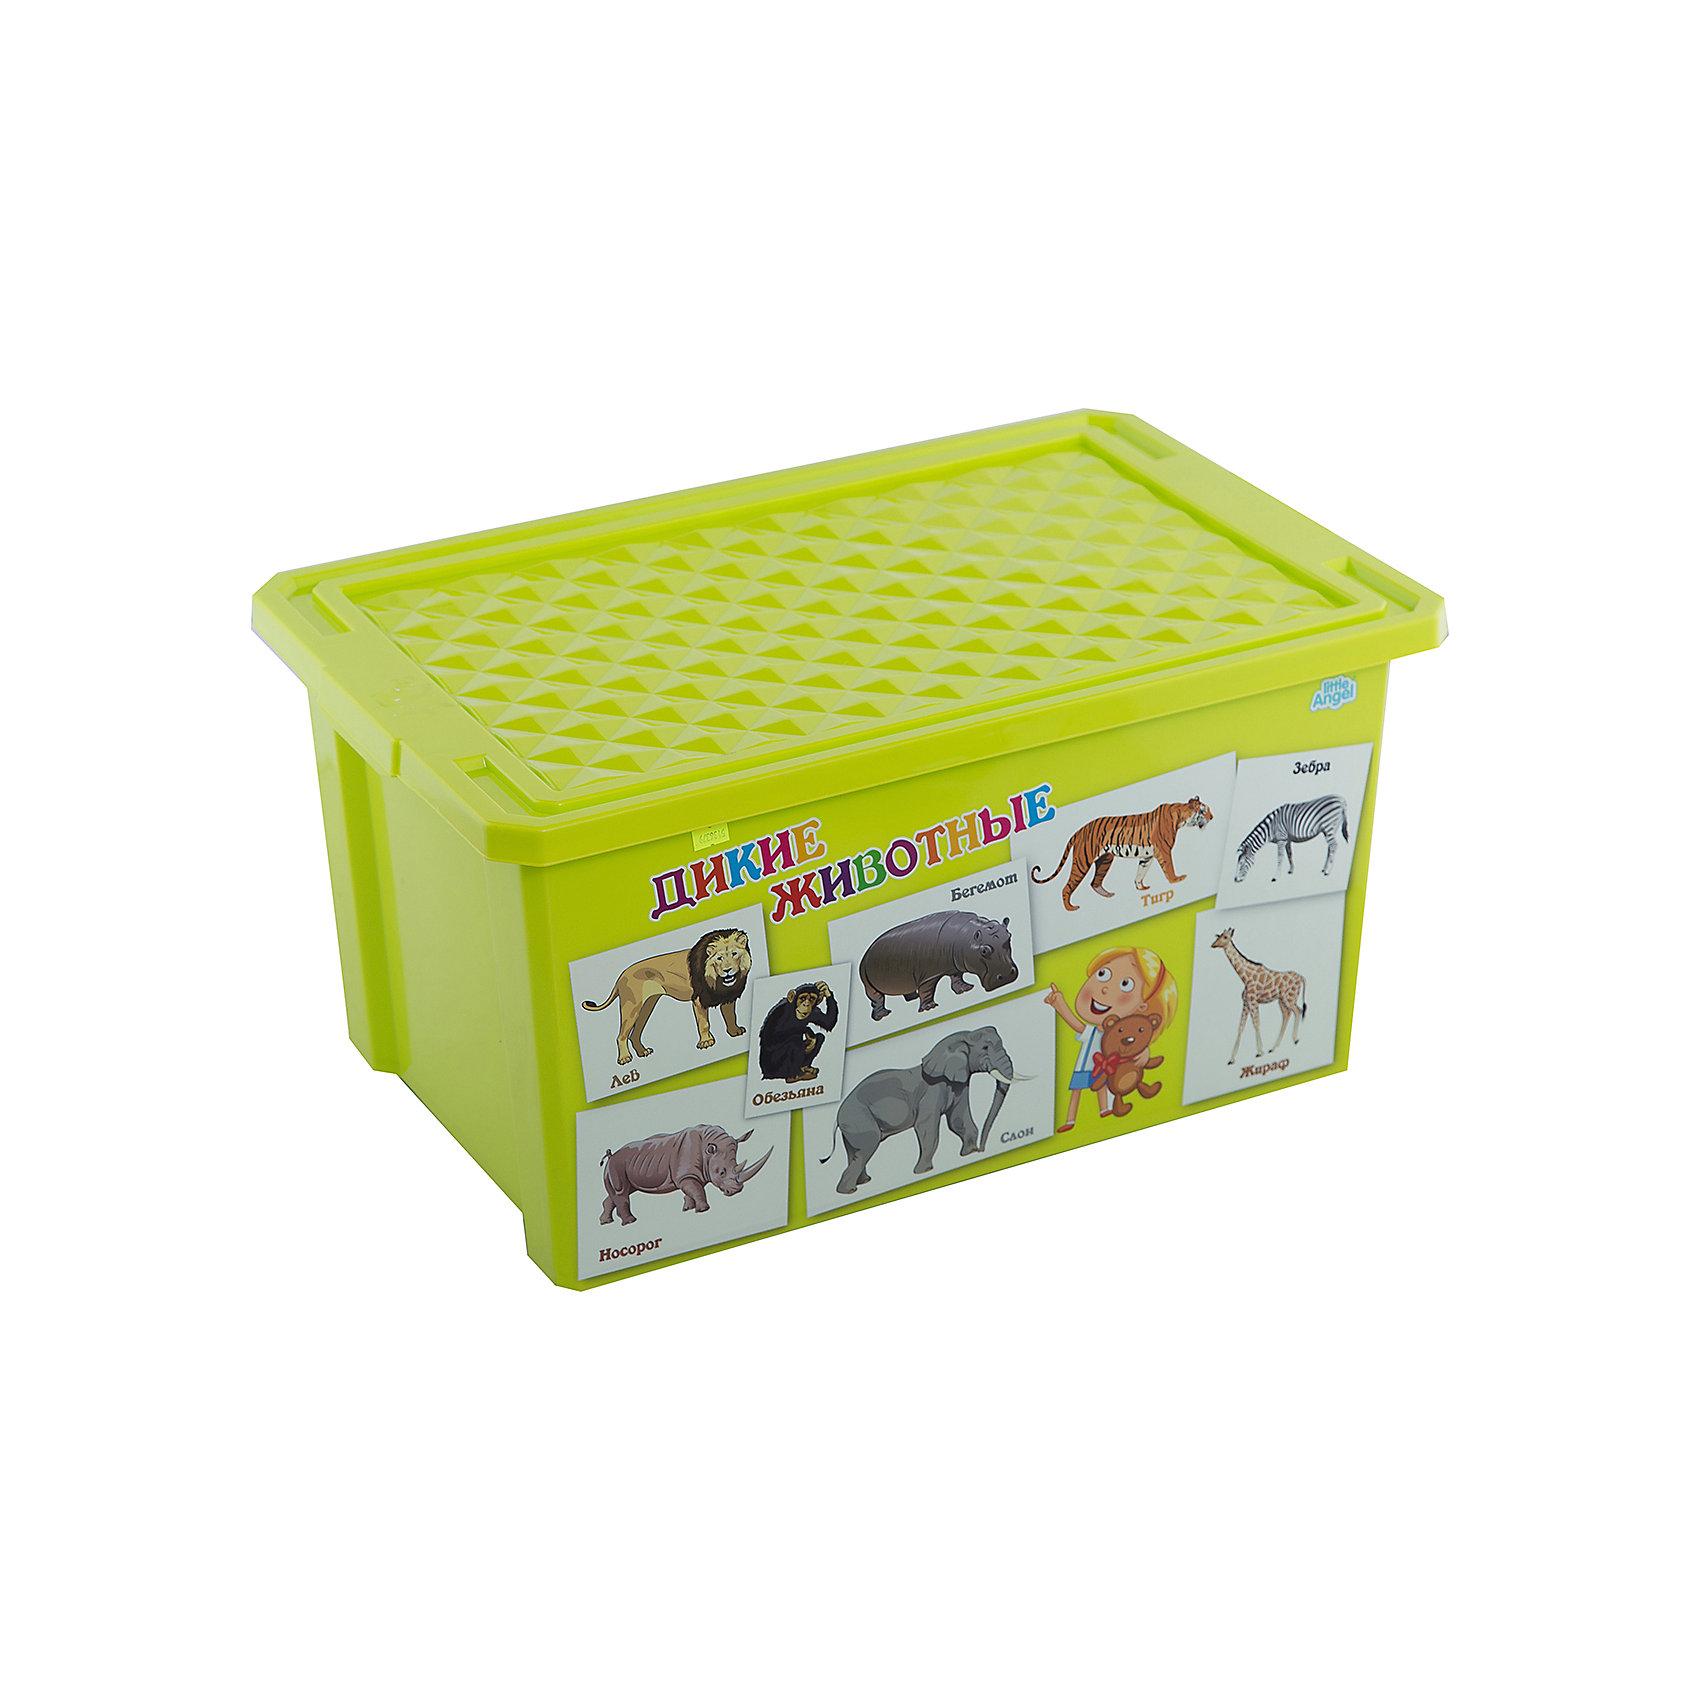 Ящик для хранения игрушек X-BOX Обучайка Животные 57л, Little Angel, салатовыйХарактеристики ящика для хранения игрушек X-BOX Обучайка Животные 57л, Little Angel, салатовый:<br><br>- возраст: от 3 лет<br>- пол: для мальчиков и девочек<br>- цвет: салатовый.<br>- материал: полипропилен.<br>- размер упаковки: 79 * 59 * 44 см.<br>- размер ящика: 61 * 40.5 * 33 см.<br>- вместимость: 57 л.<br>- вес: 1.91 кг.<br>- бренд: Little Angel<br>- страна обладатель бренда: Россия.<br><br>Детский ящик для хранения игрушек X-Box Обучайка от производителя Little Angel - это очень легкая и удобная в эксплуатации емкость яркого салатового цвета. На одной стороне этого бокса имеется красочное изображение в виде иллюстрированных карточек с буквами которые помогут Вашему малышу быстрее запомнить буквы в игровой форме.<br><br>Детский ящик для хранения игрушек X-Box Обучайка Животные торговой  марки Little Angel можно купить в нашем интернет-магазине.<br><br>Ширина мм: 610<br>Глубина мм: 405<br>Высота мм: 330<br>Вес г: 2140<br>Возраст от месяцев: 24<br>Возраст до месяцев: 72<br>Пол: Унисекс<br>Возраст: Детский<br>SKU: 5136379